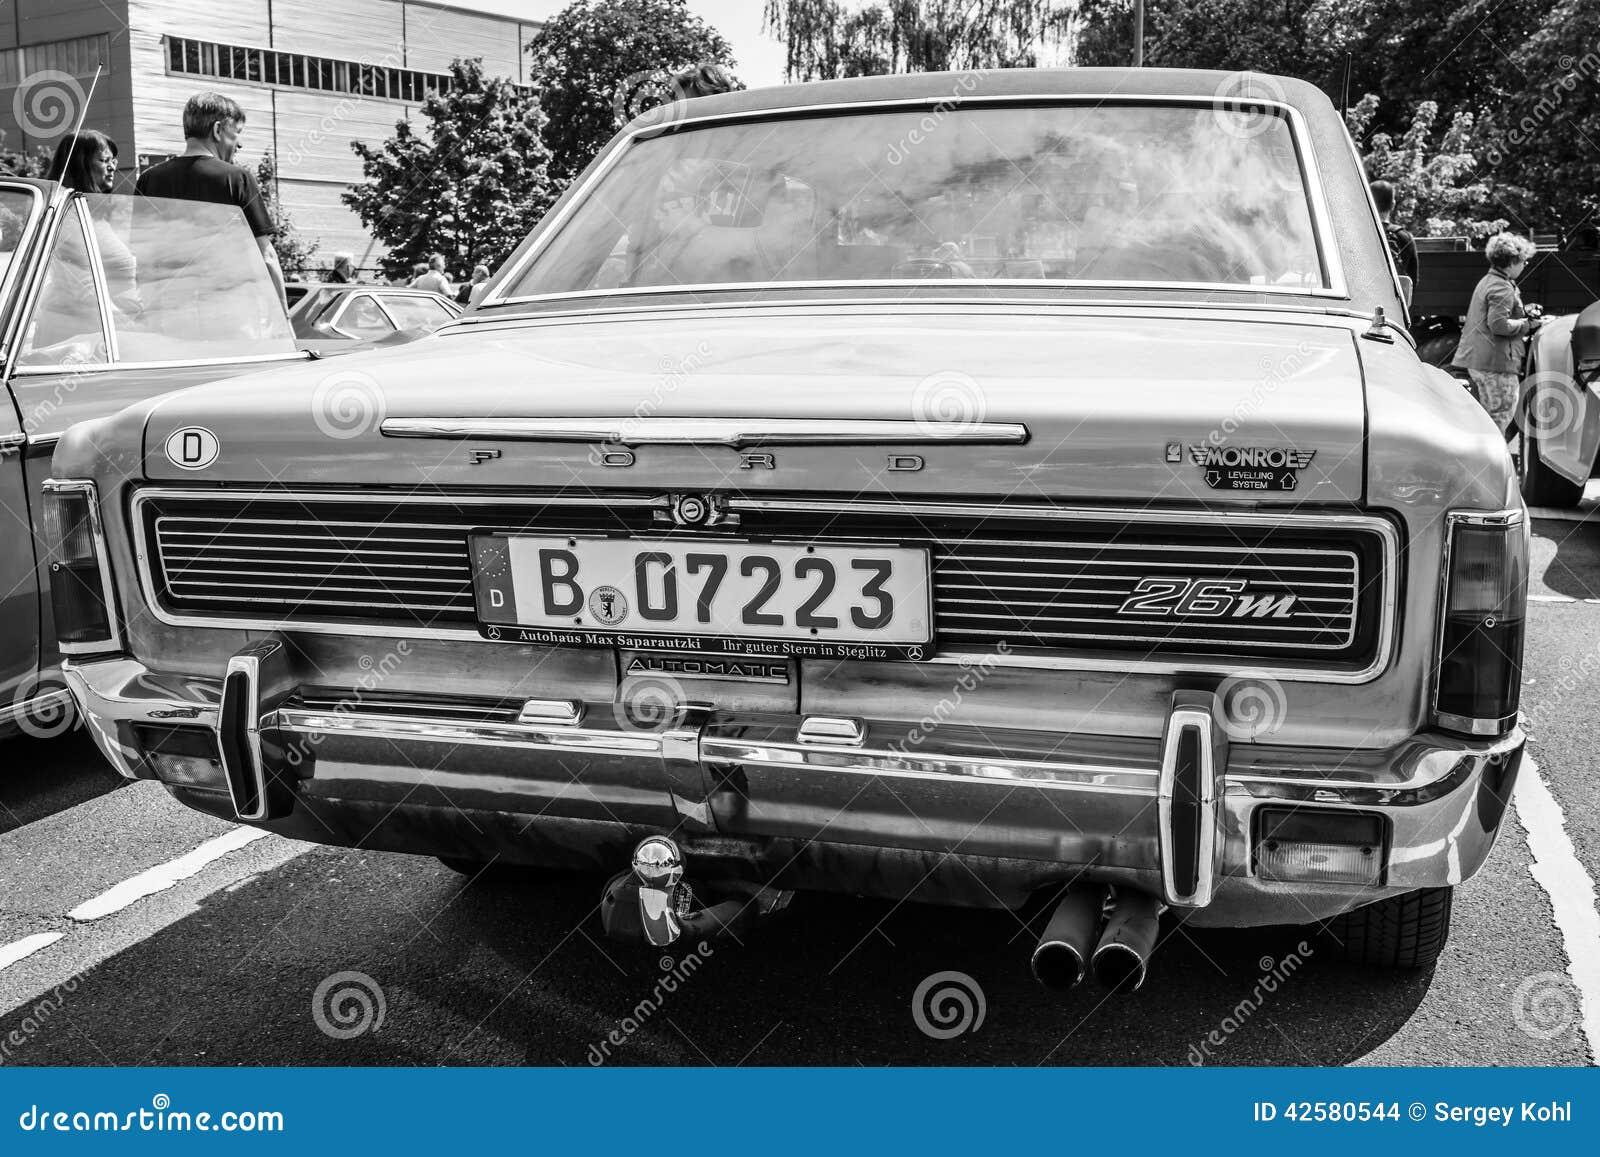 grande voiture familiale ford 26m p7b image stock ditorial image du transport monroe 42580544. Black Bedroom Furniture Sets. Home Design Ideas